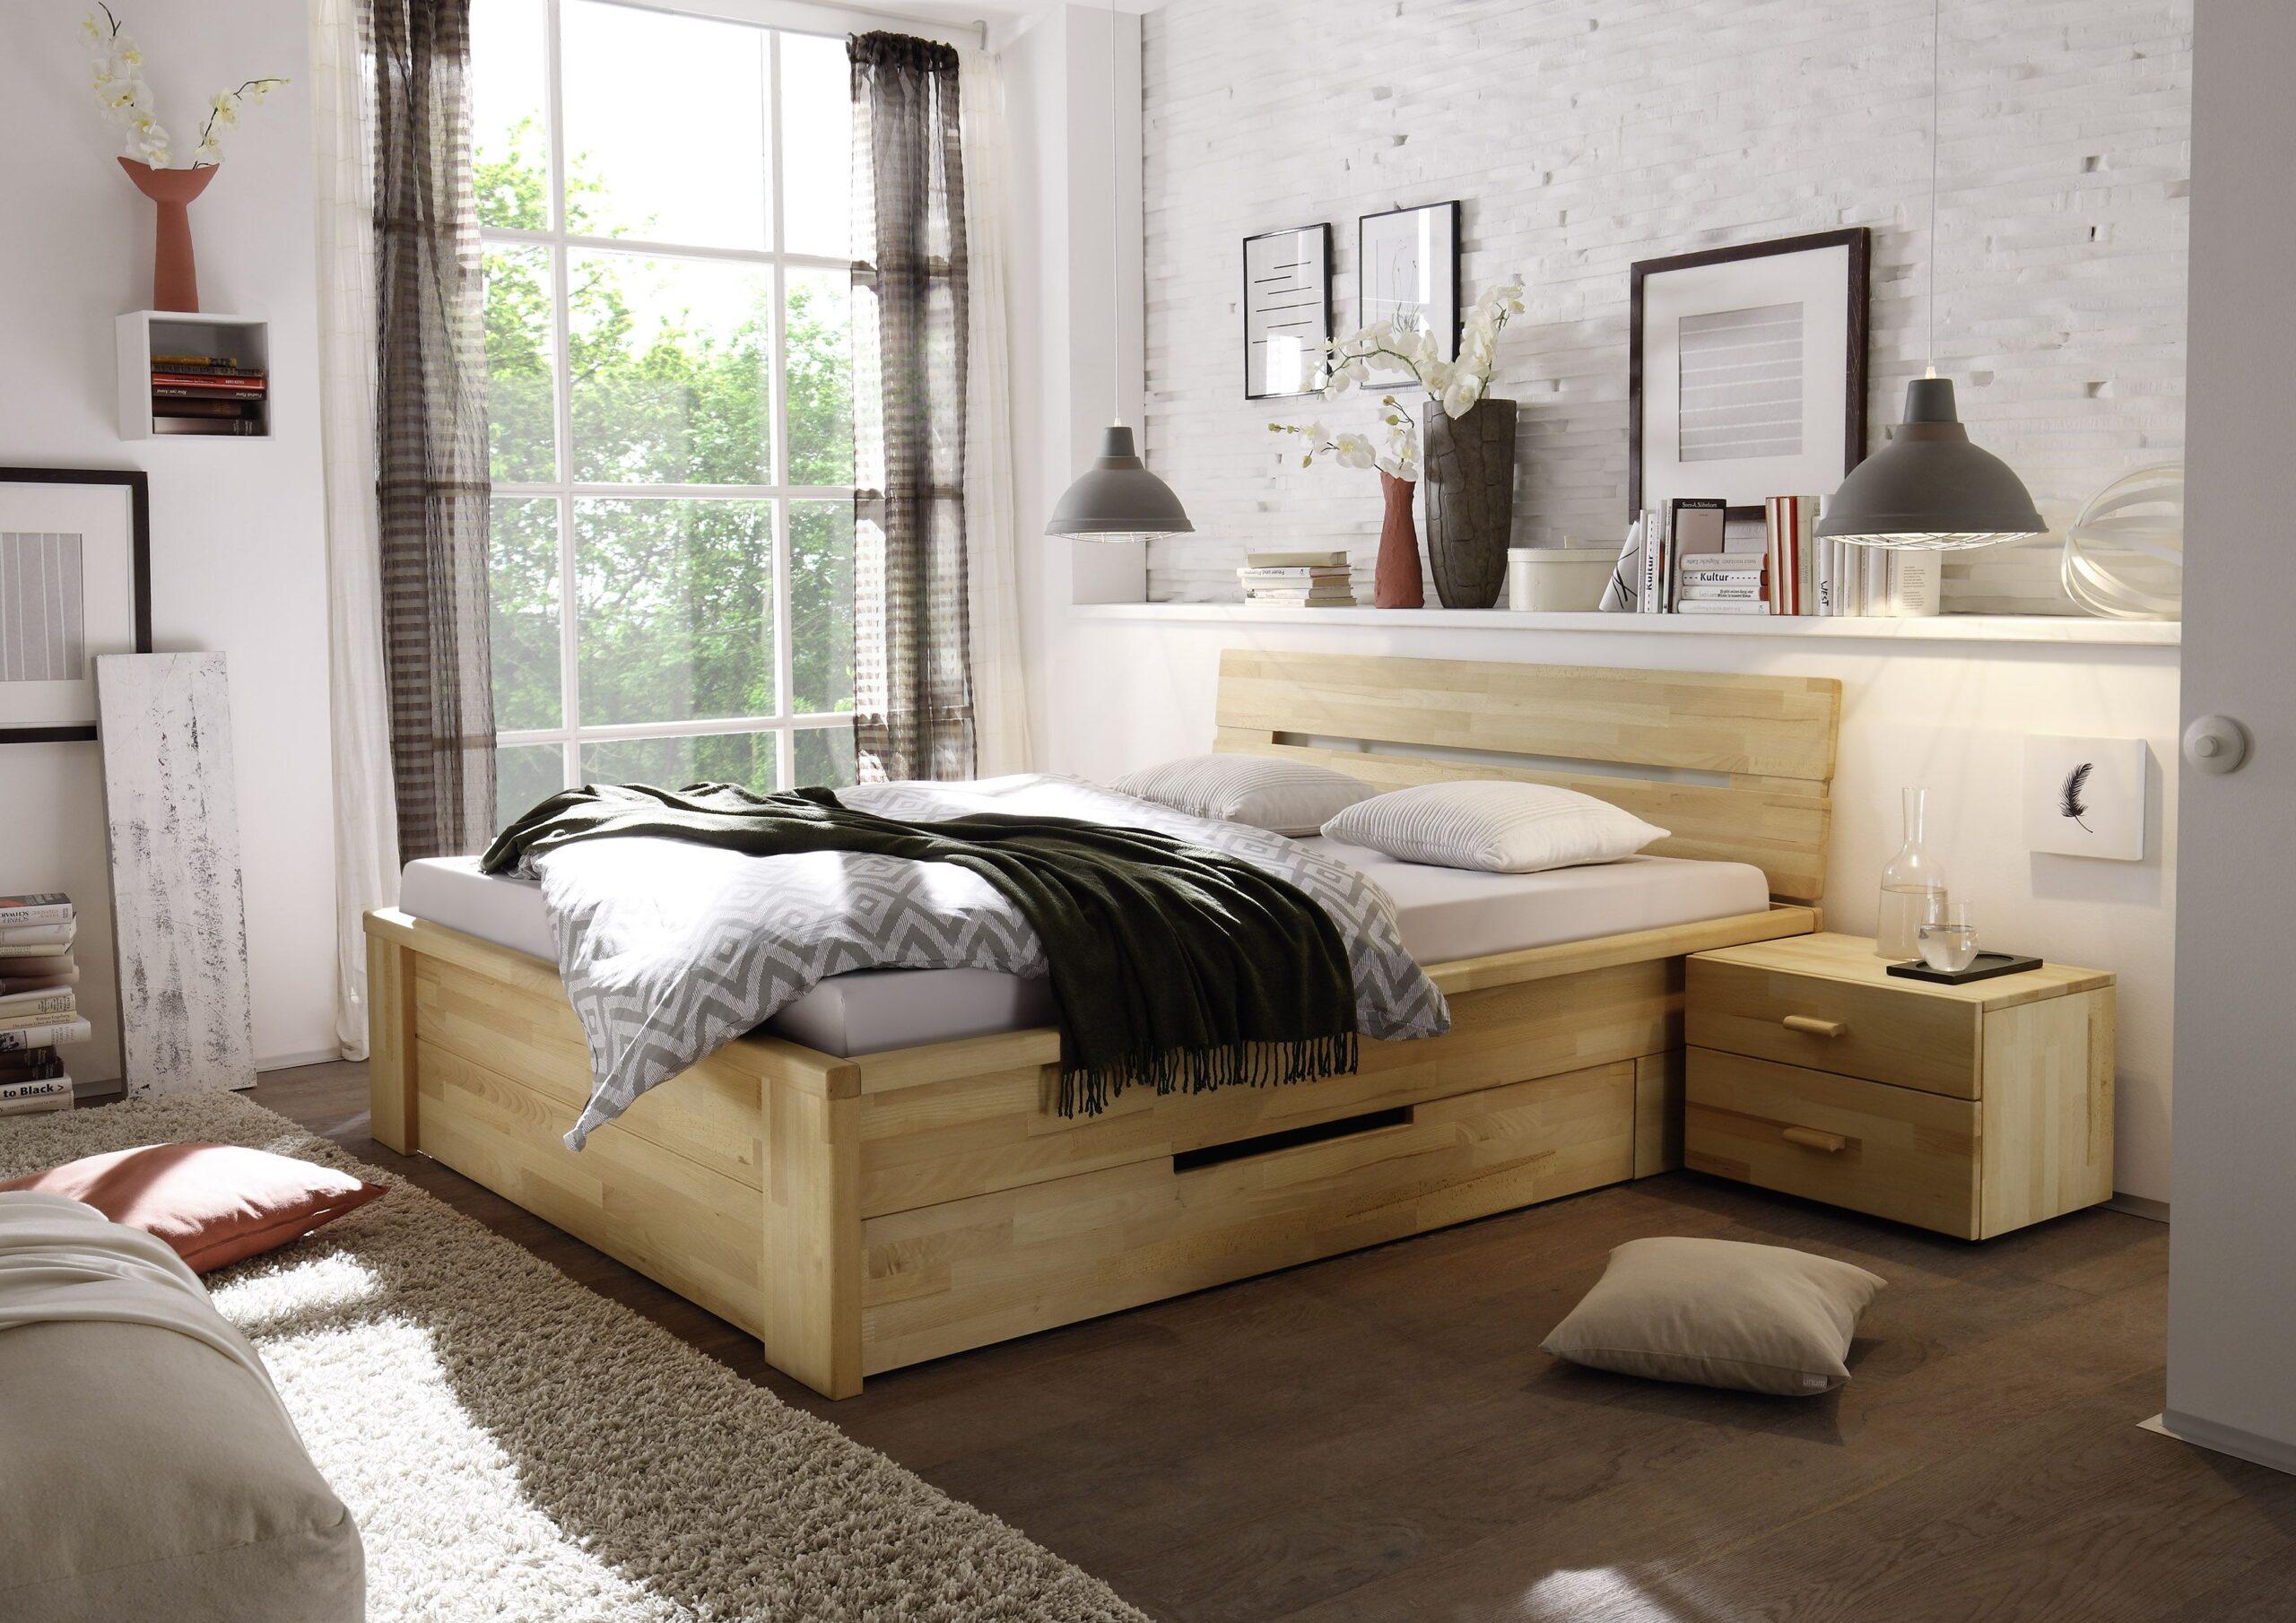 Full Size of Massivholz Mbel Online Kaufen Mit Bildern Wohnung Stauraum Bett 200x200 Komforthöhe Weiß Bettkasten Betten Wohnzimmer Stauraumbett 200x200